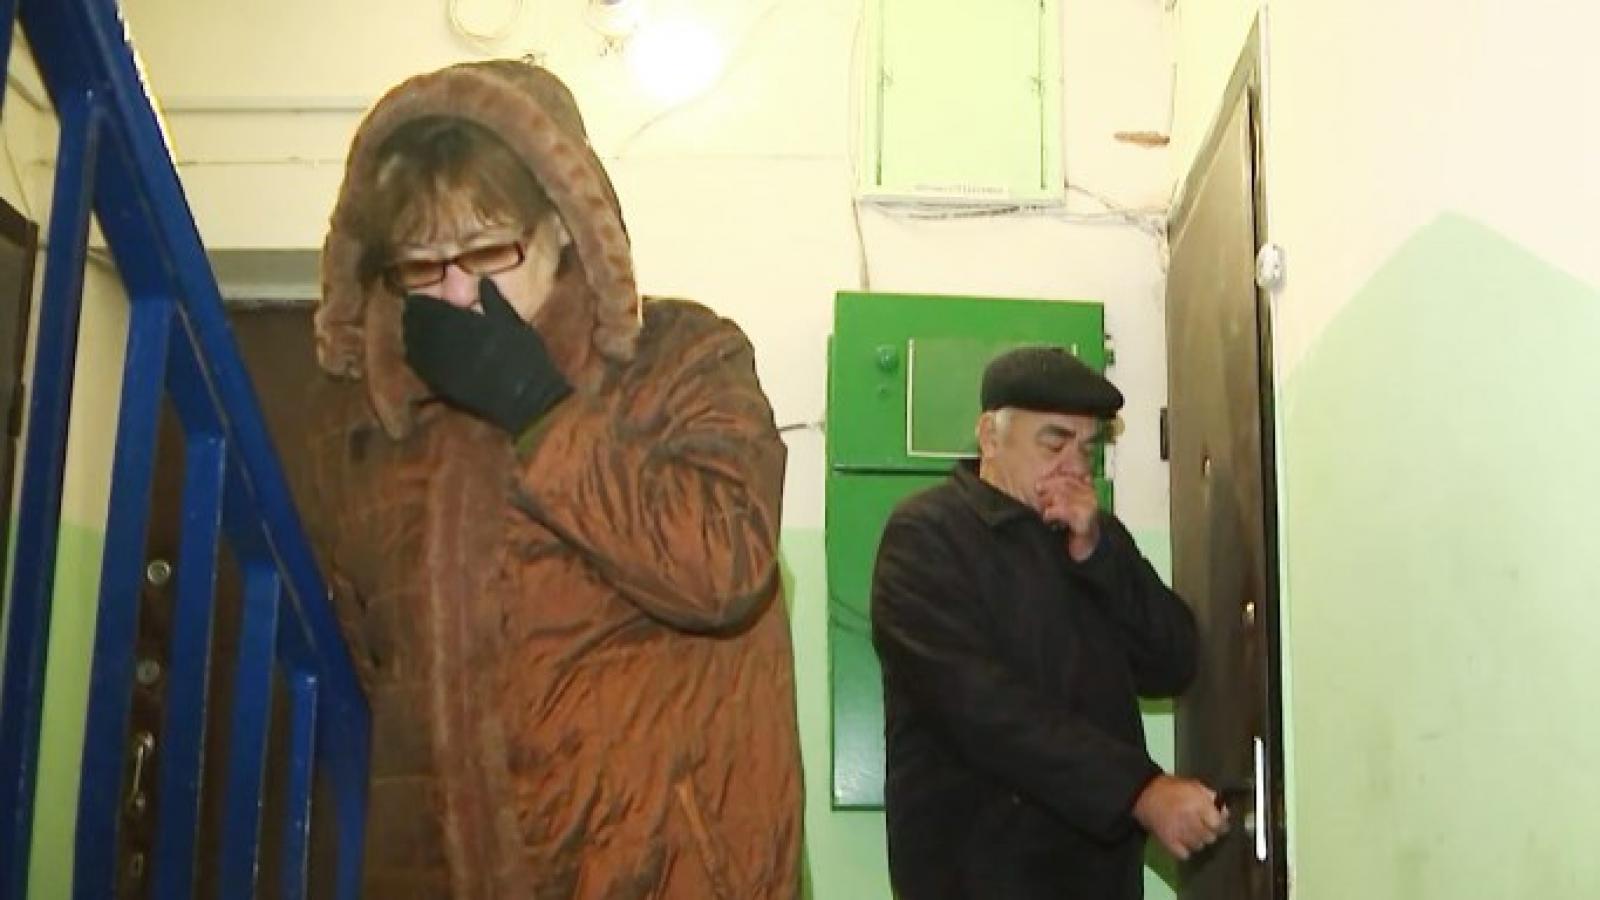 Жители дома жалуются на трупный запах